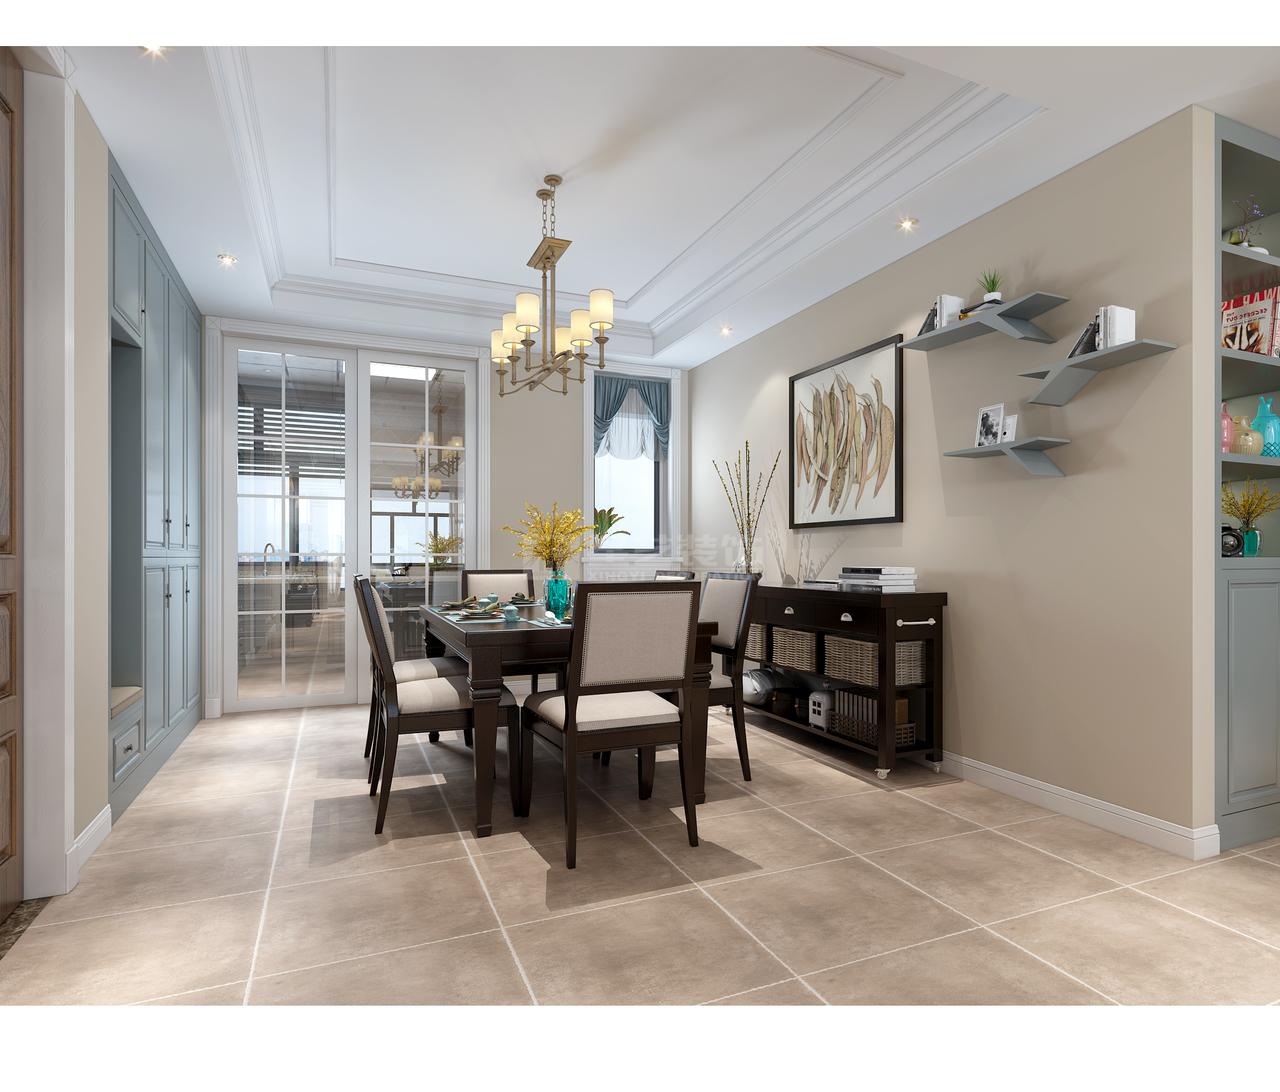 美的林城现代美式,带来一种清雅生活的舒适之感,现代,美式,三居室,122.0㎡